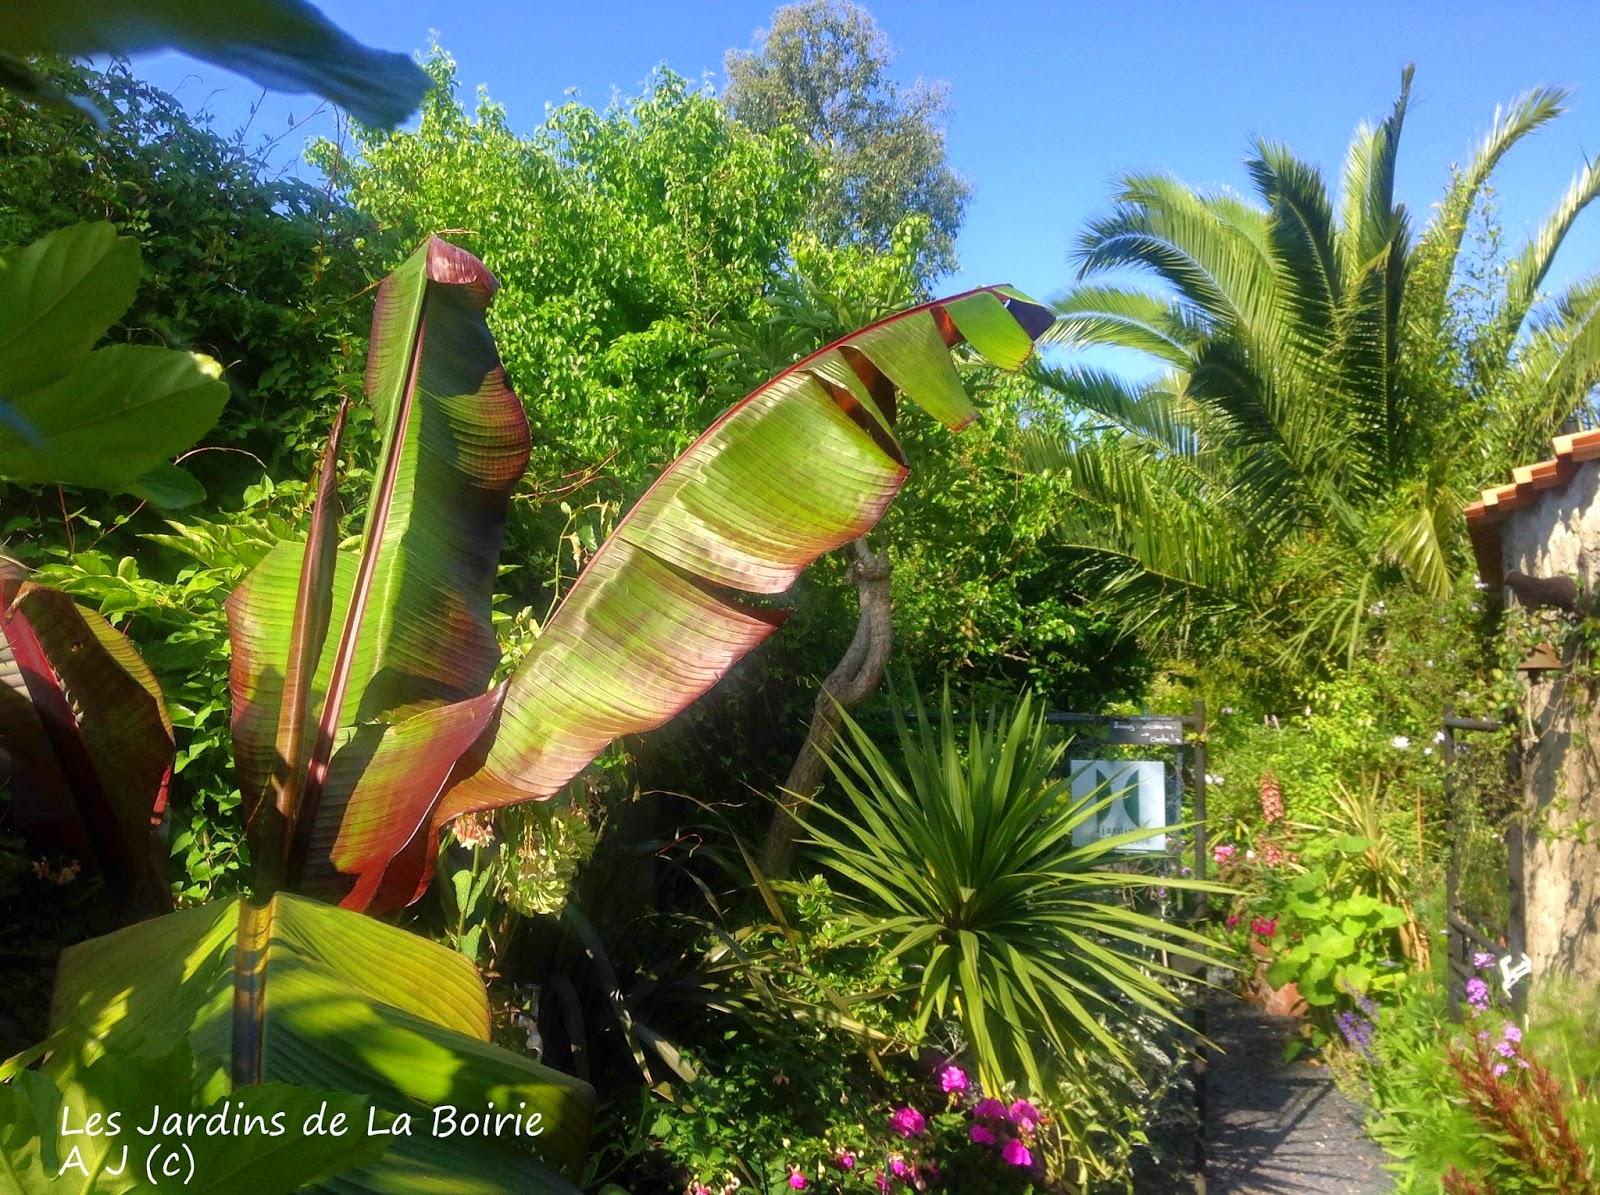 ouvert le week end de la pentec te les jardins botaniques de la boirie. Black Bedroom Furniture Sets. Home Design Ideas